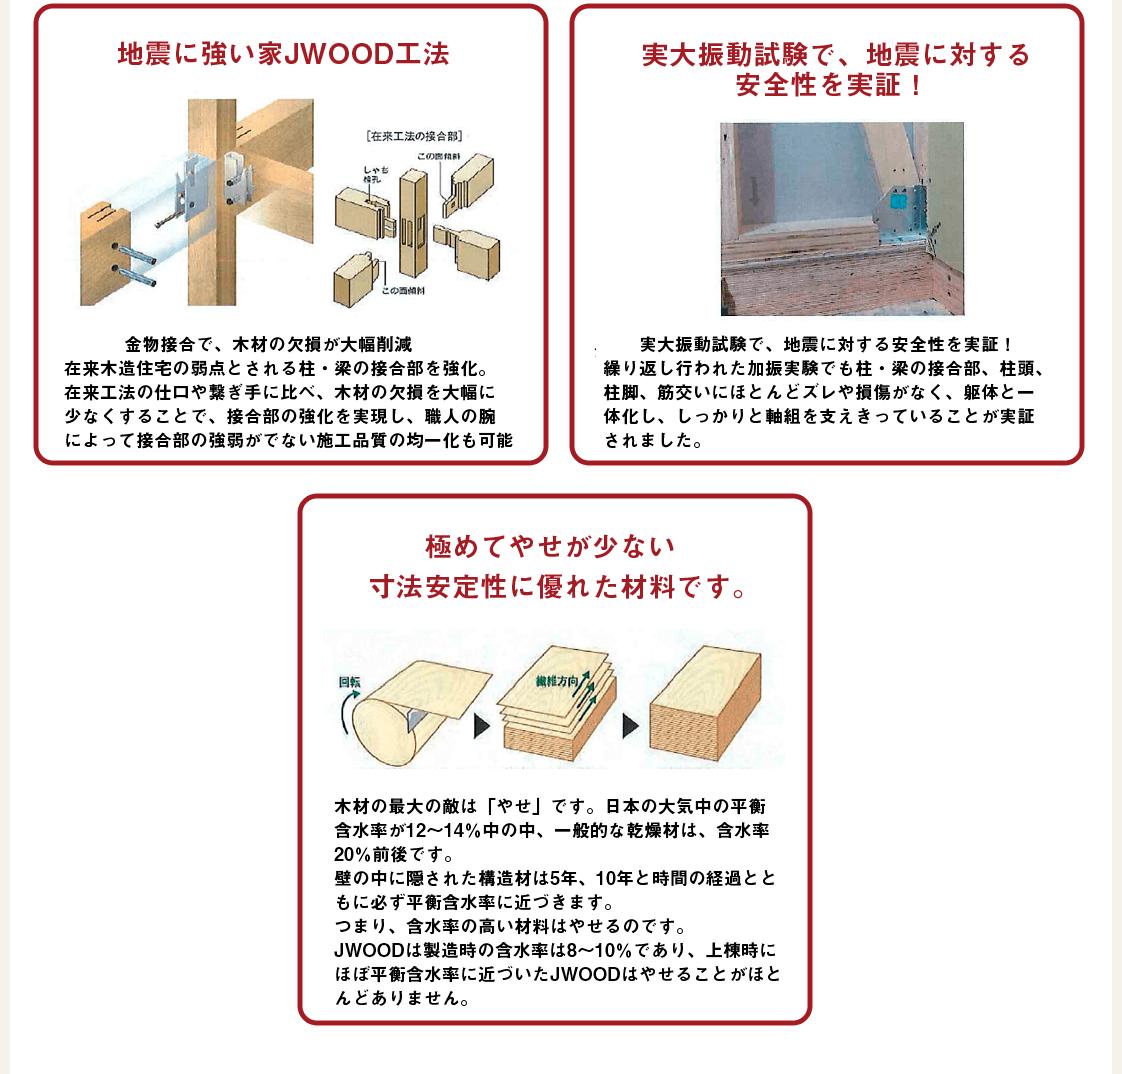 地震に強い家JWOOD工法 実大振動試験で、地震に対する安全性を実証! 極めてやせが少ない寸法安定性に優れた材料です。